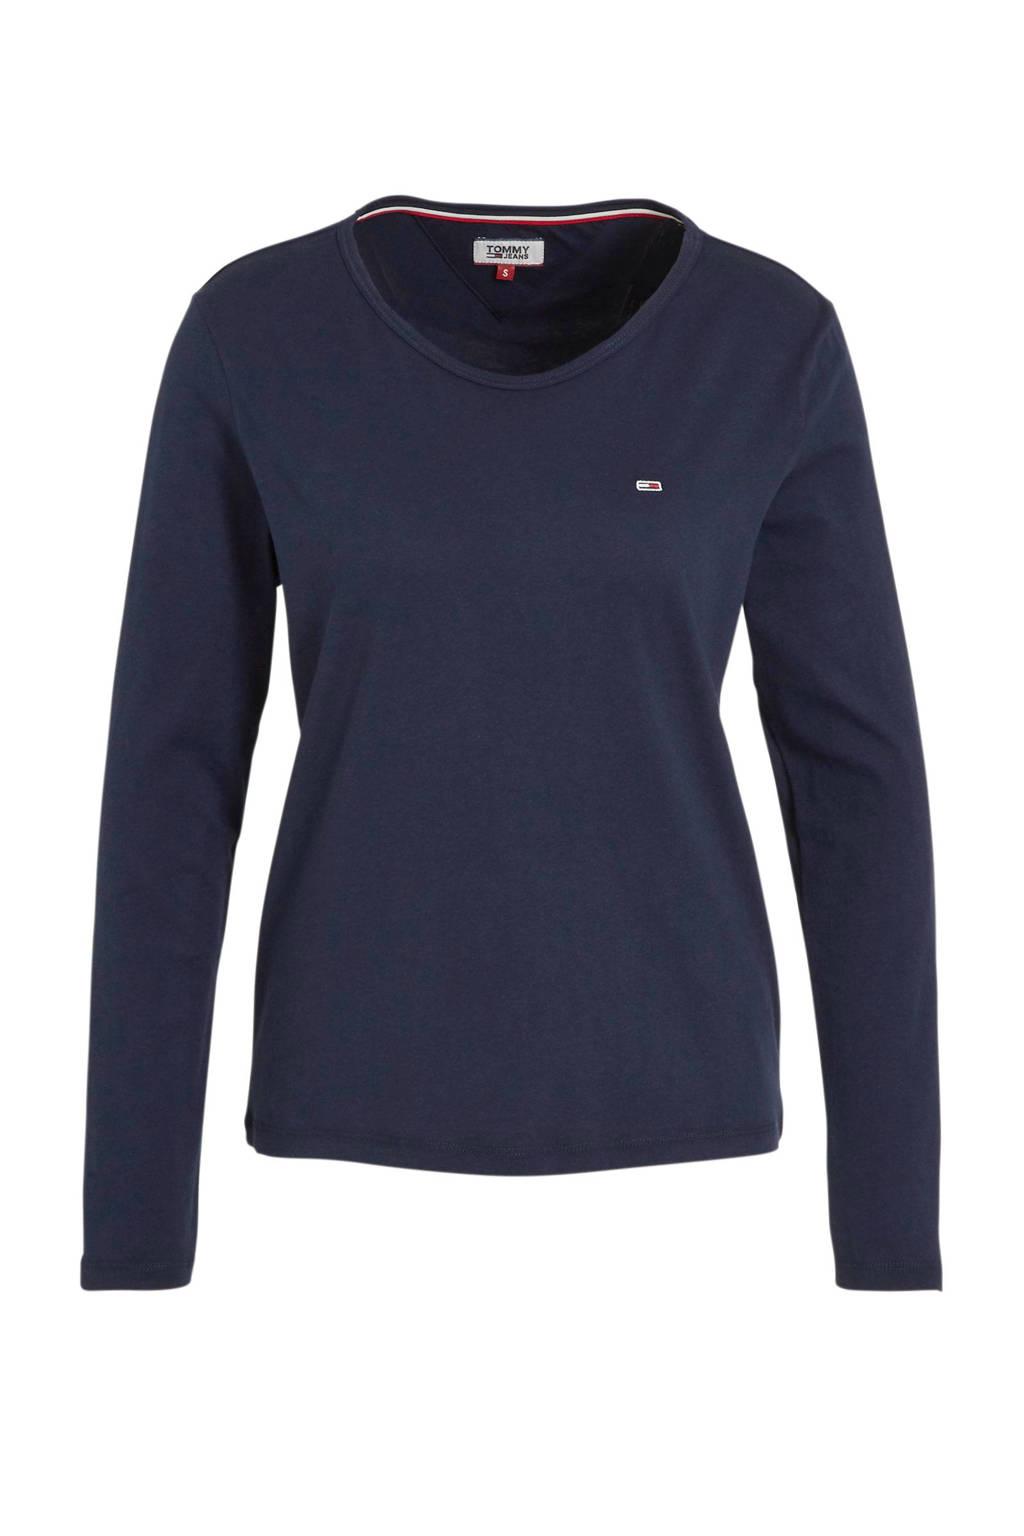 Tommy Jeans longsleeve met logo donkerblauw, Donkerblauw